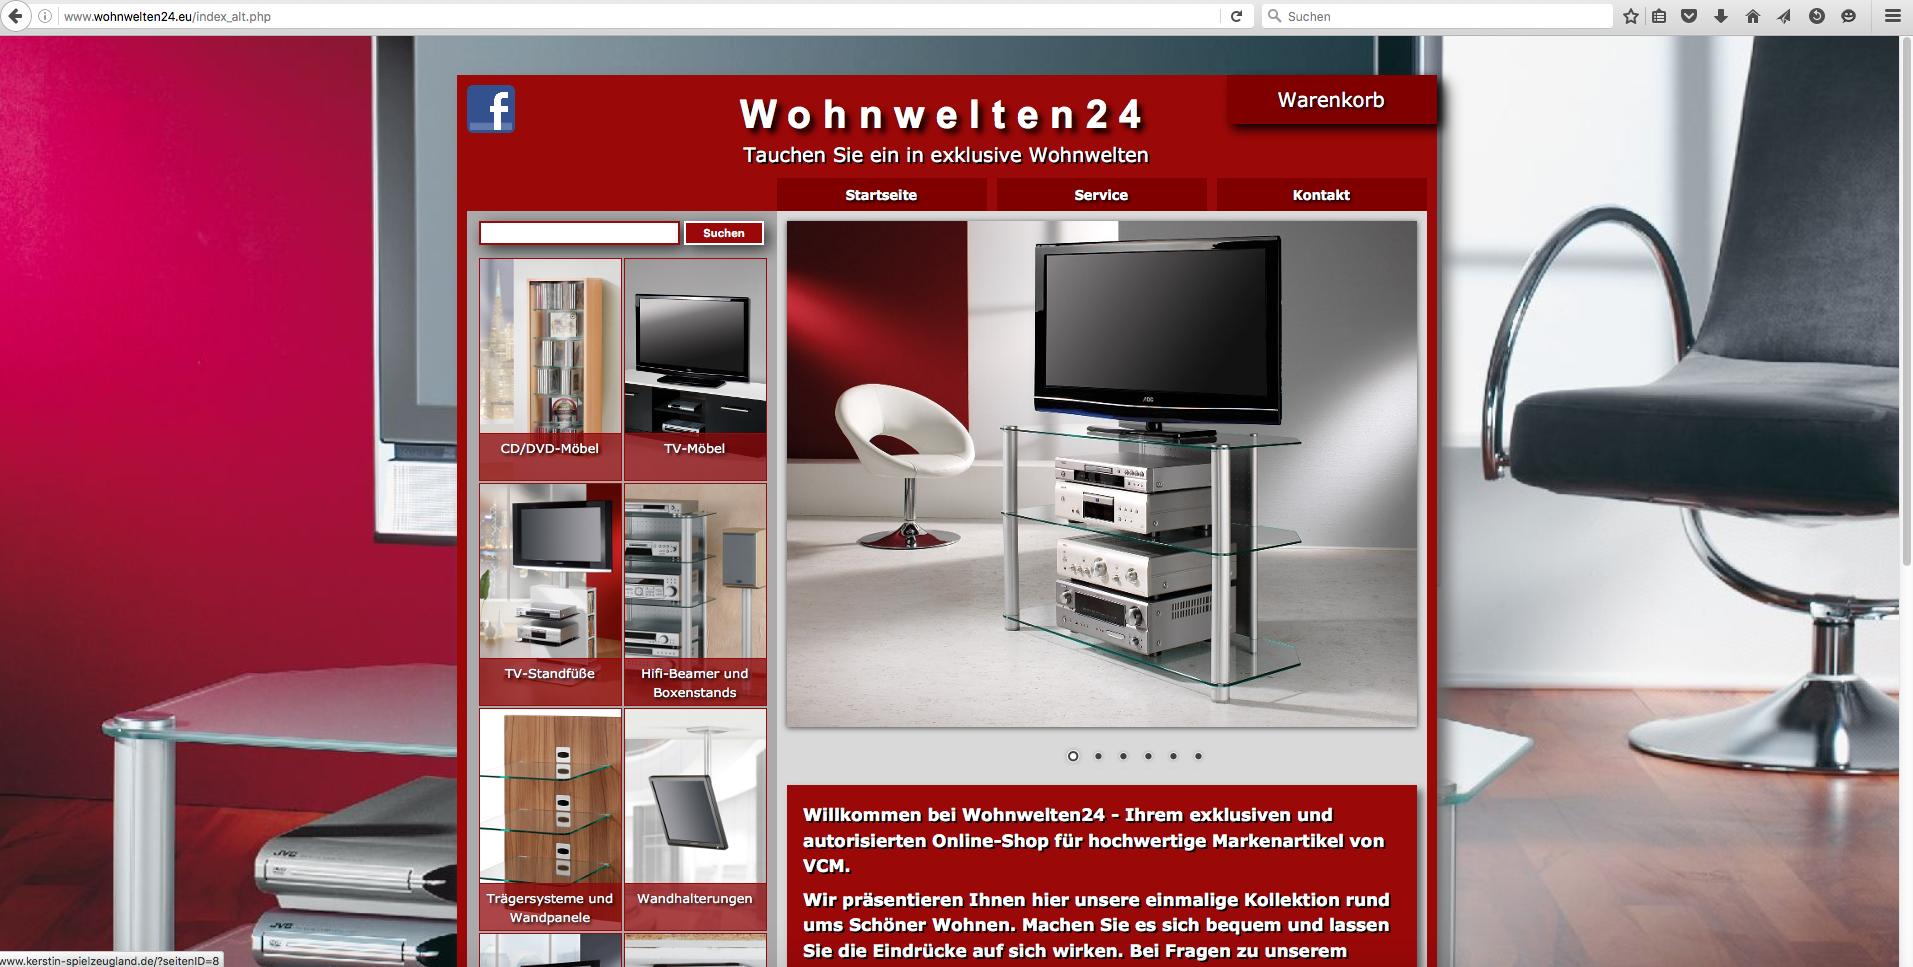 www.wohnwelten24.eu (nicht mehr online)